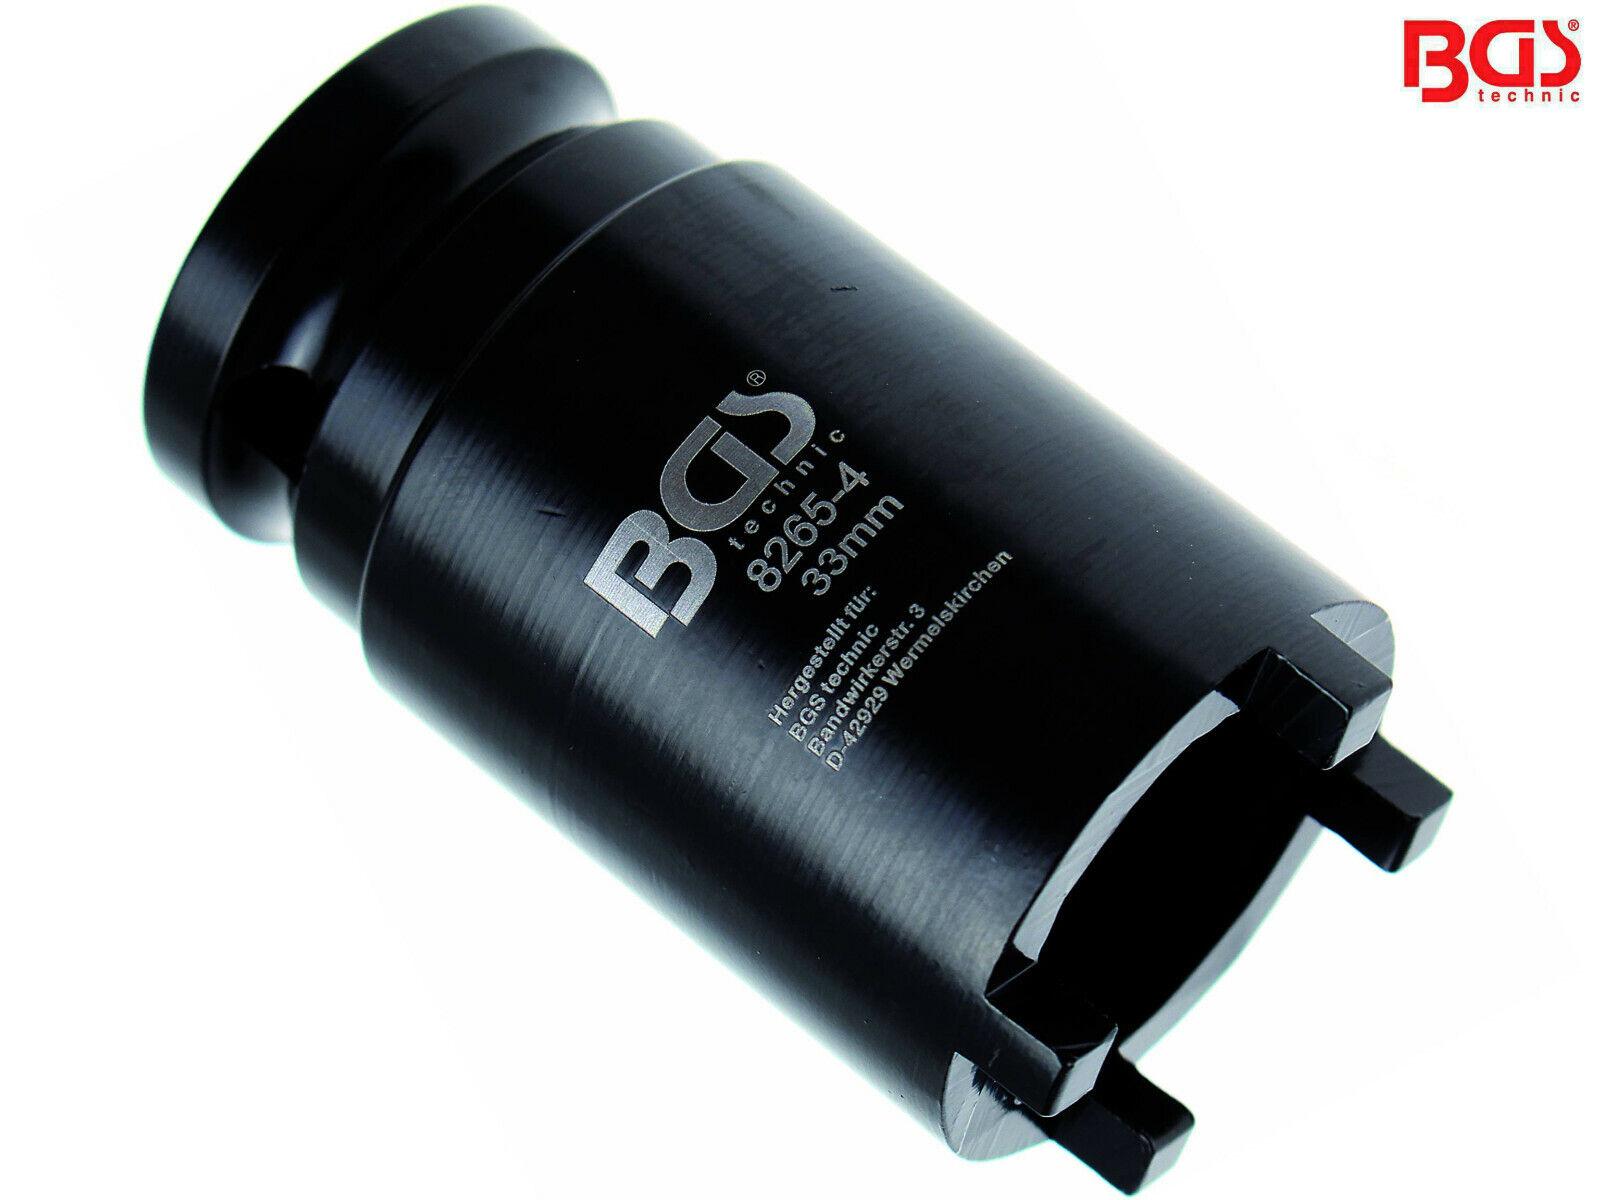 BGS Nutmutternschlüssel 33 mm Nutmutter Werkzeug KM3 Steckschlüssel Einsatz